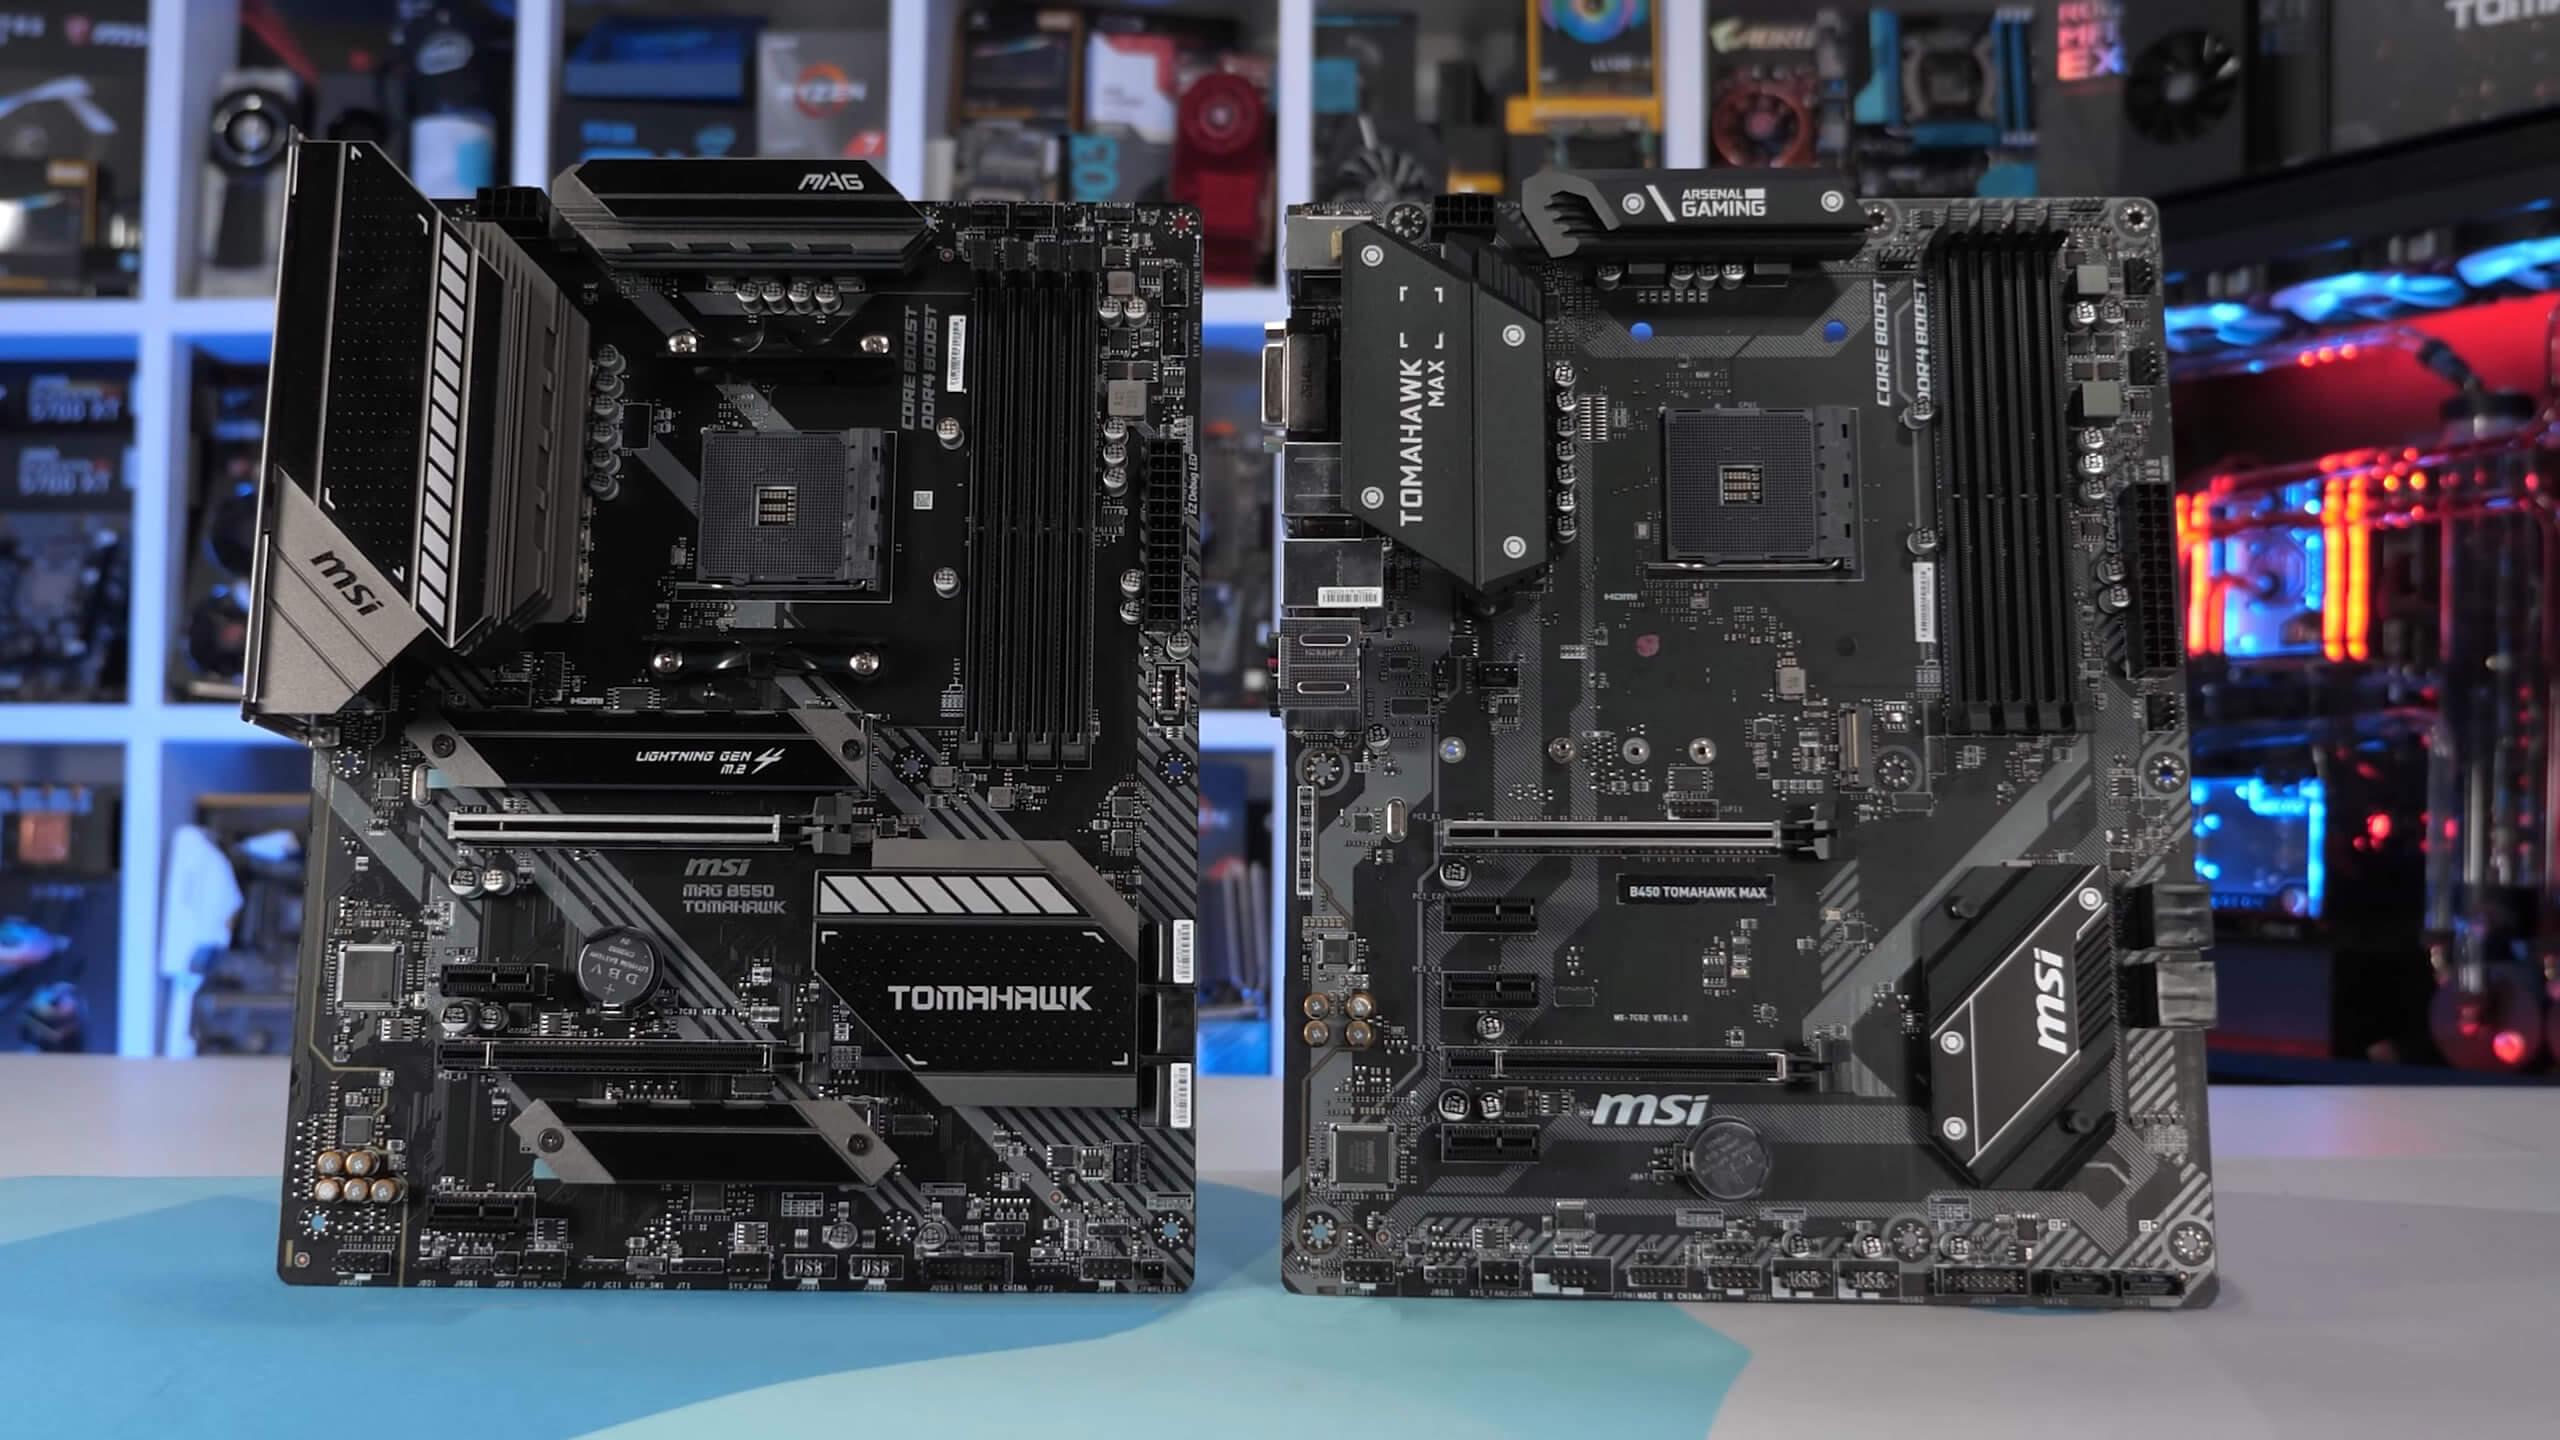 Amd B350 Vs B450 Vs B550 Tomahawk Motherboards